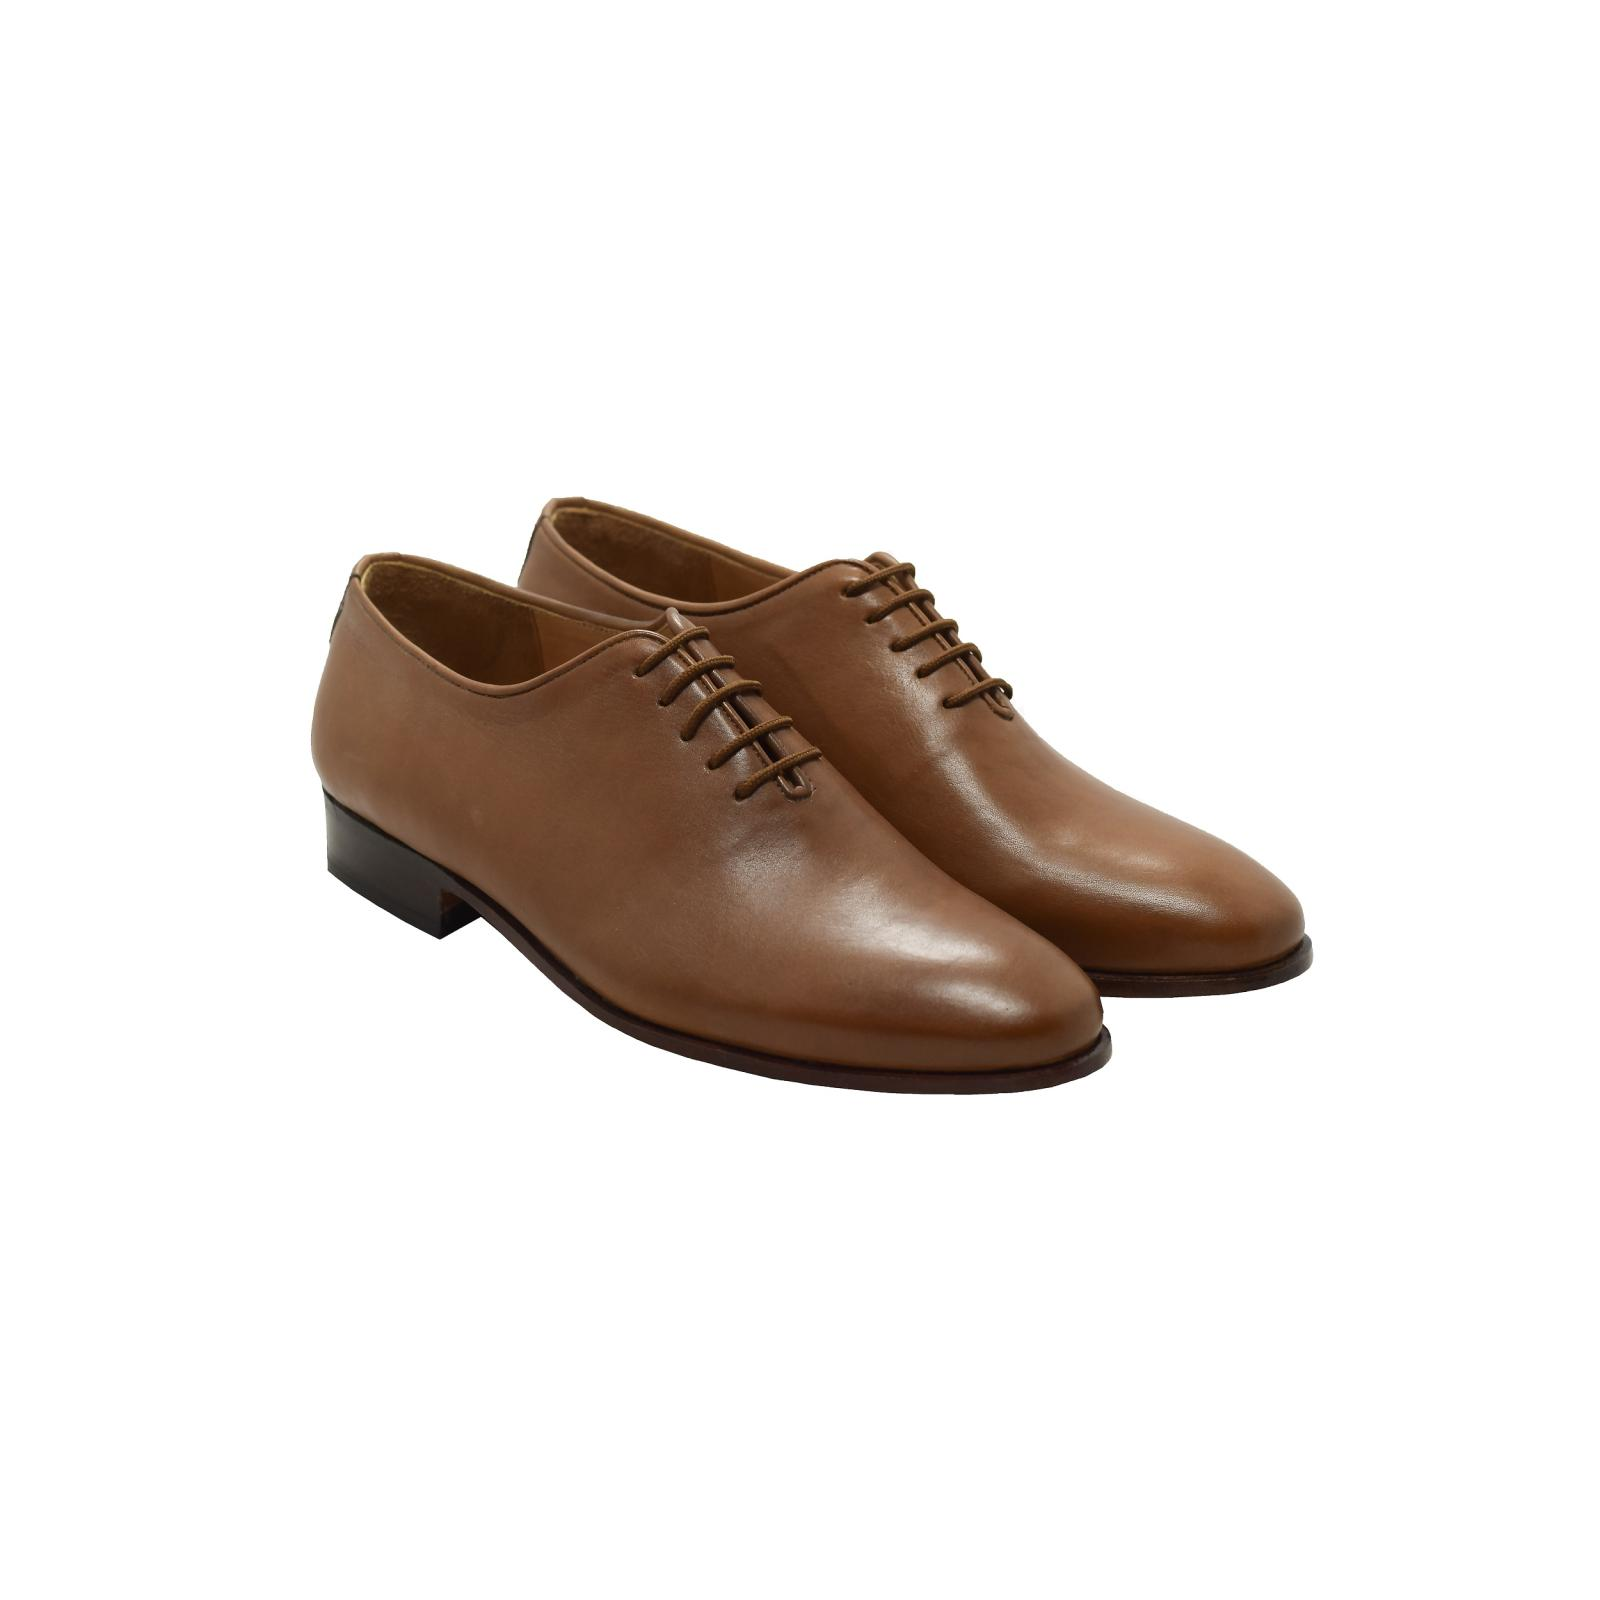 کفش مردانه دگرمان مدل کلاسیک کد deg.2101-407 -  - 3